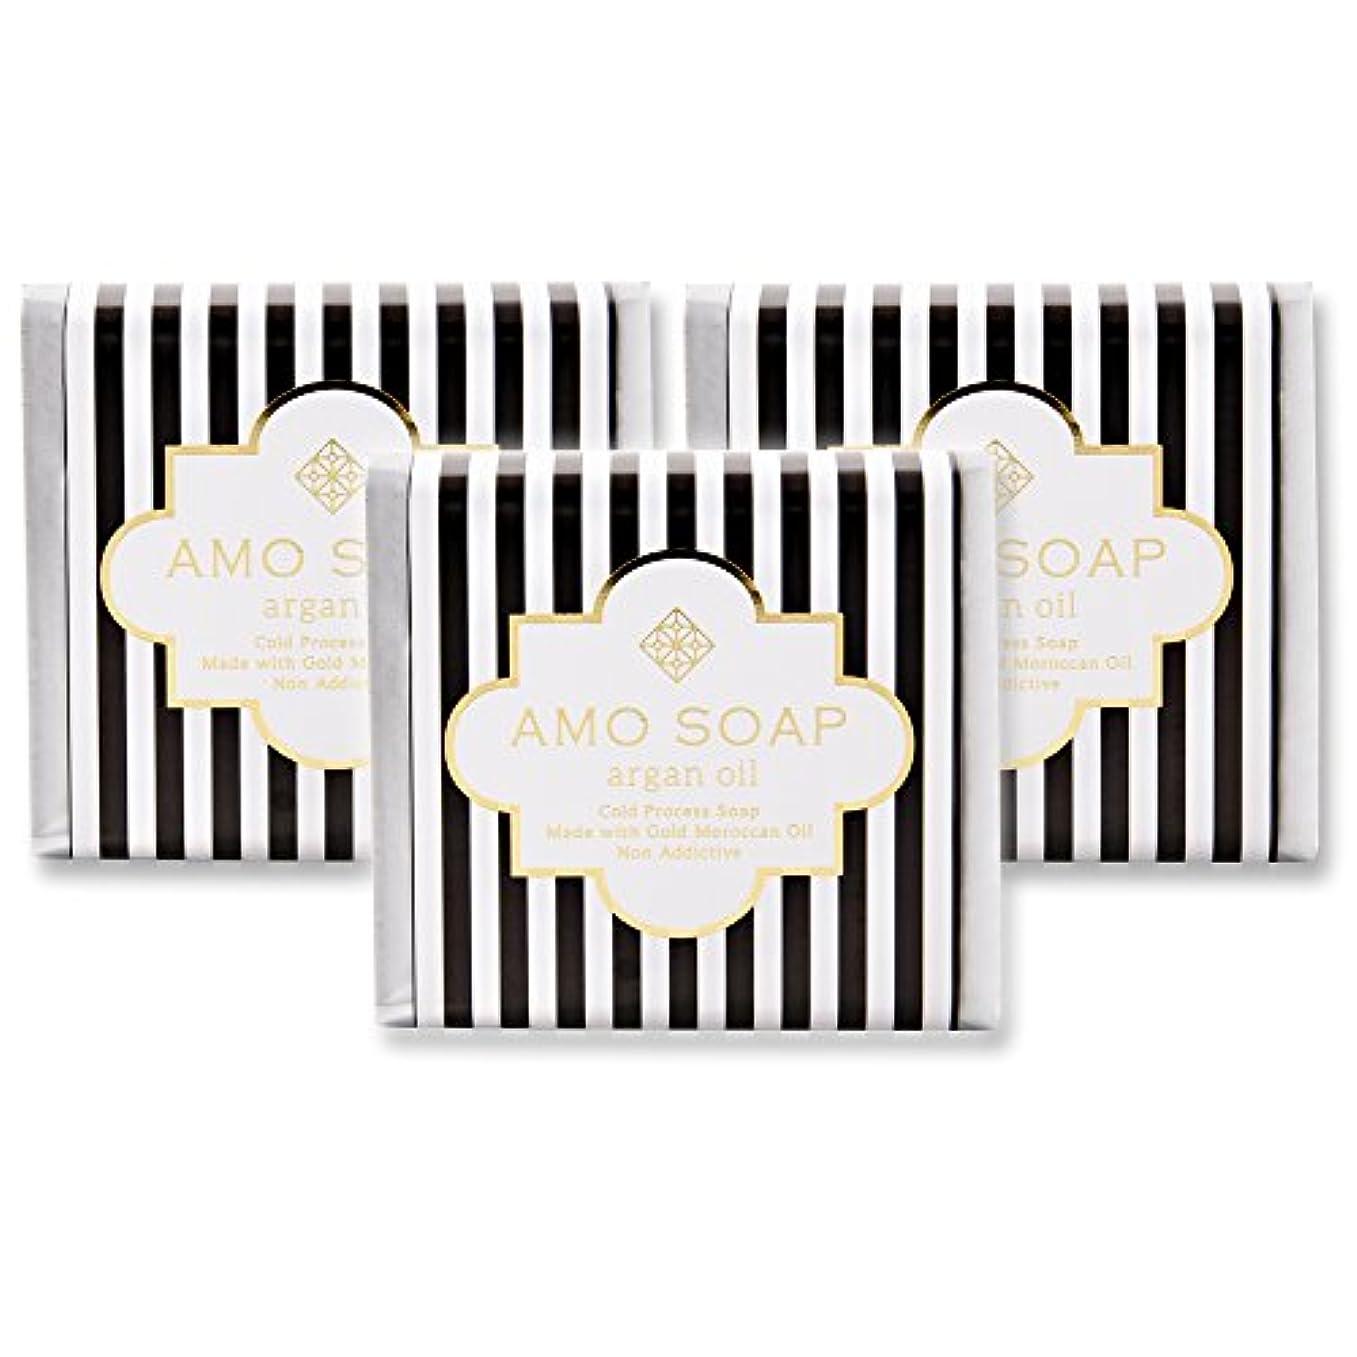 バン櫛博覧会AMO SOAP(アモソープ) 洗顔せっけんアルガンオイル配合 3個 コールドプロセス製法 日本製 エイジングケア オリーブオイル シアバター